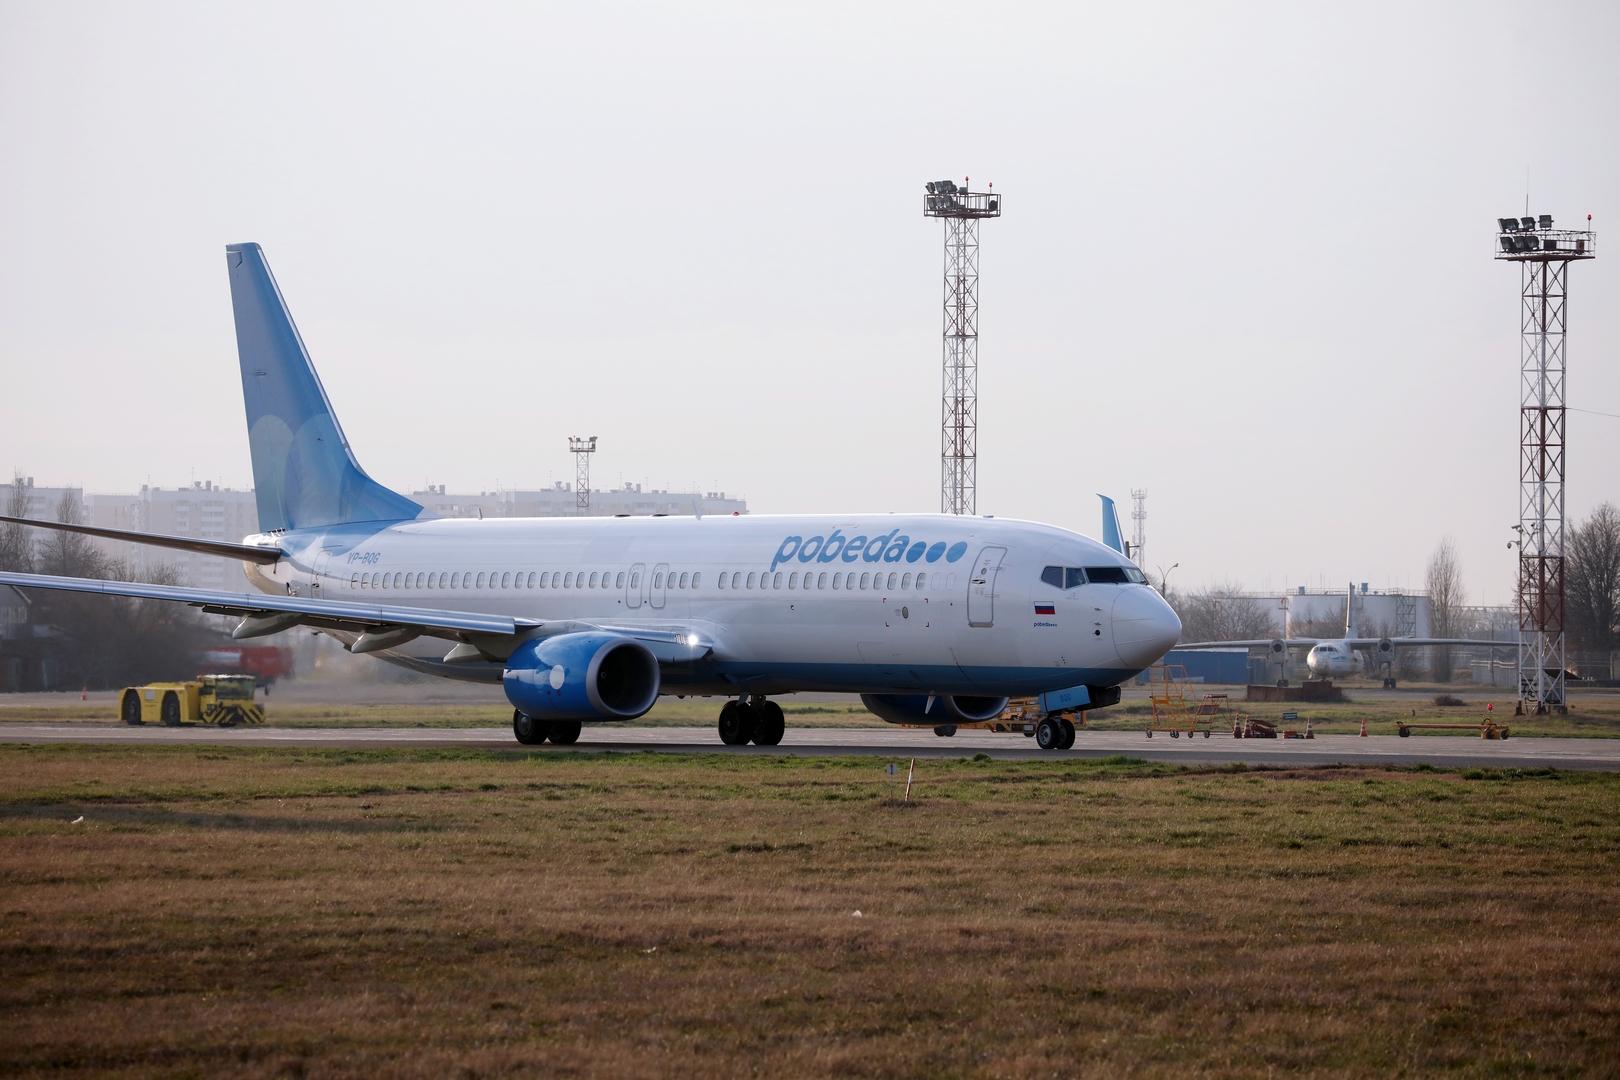 الإمارات تلغي تصريح رحلة طيران لإعادة مواطنين روس من دبي